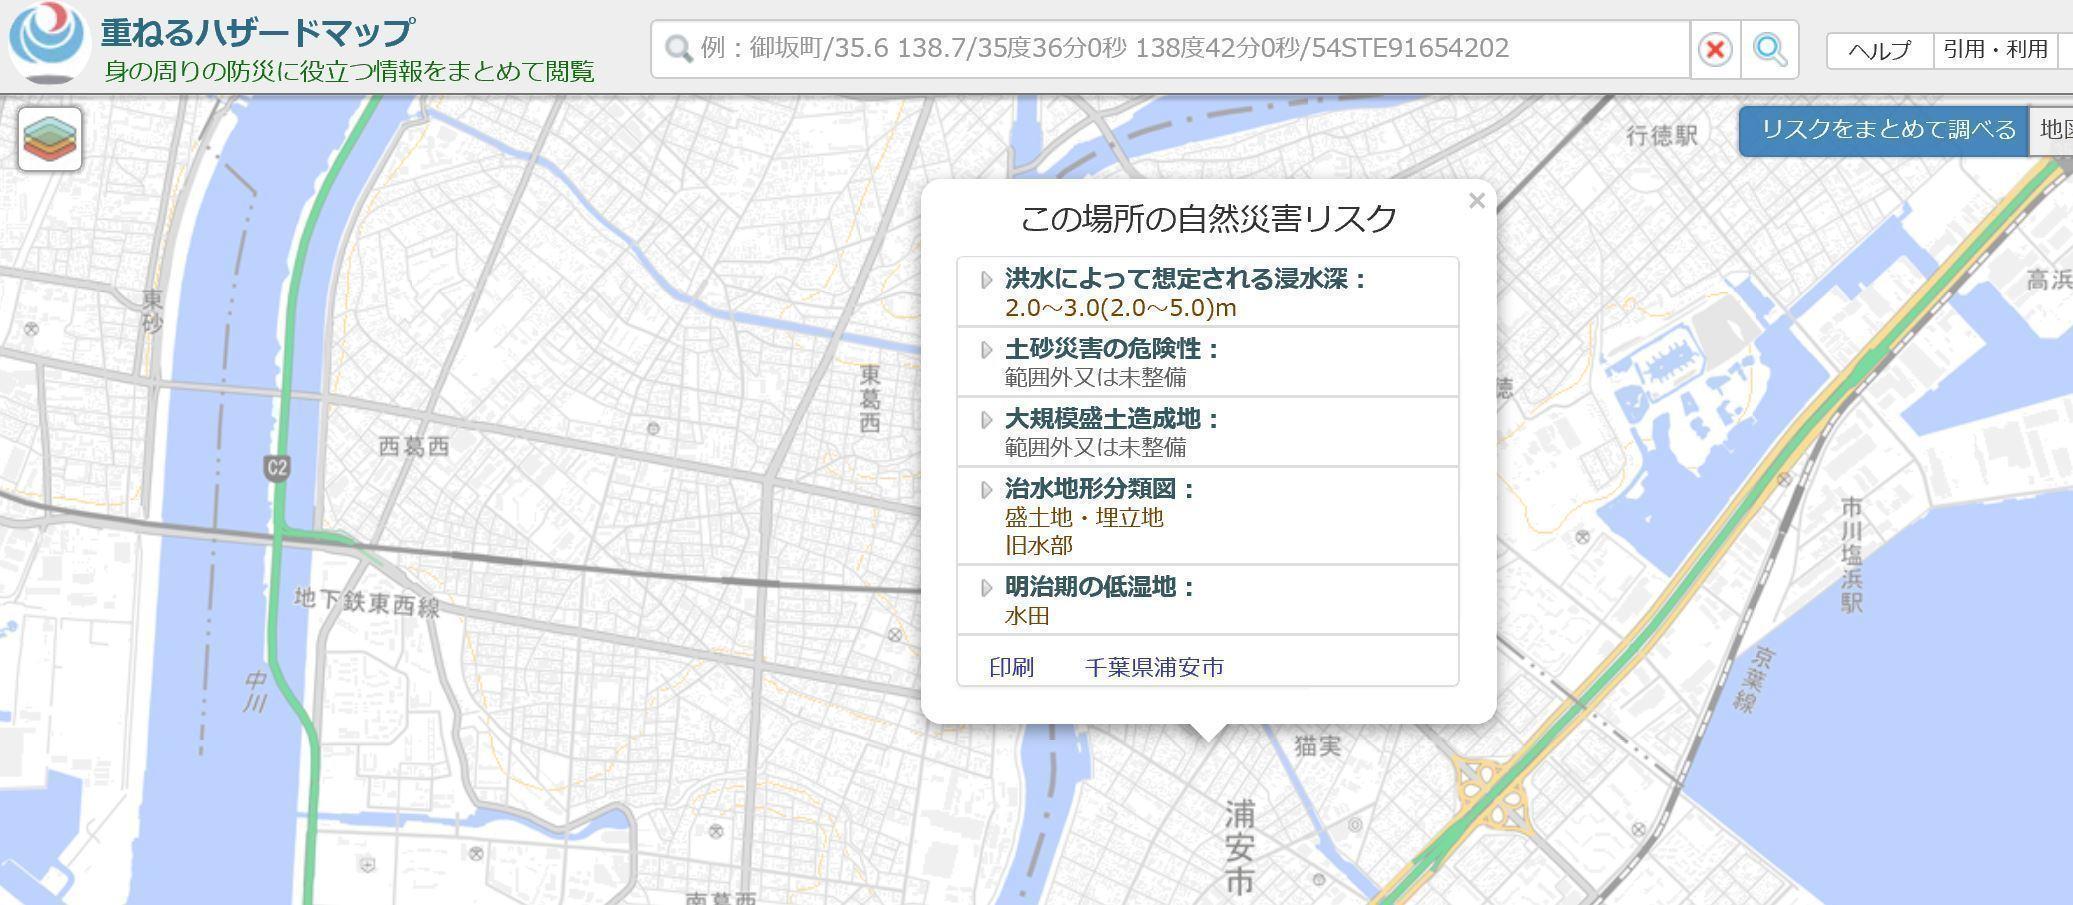 我が家は大丈夫?国土交通省が公開している「重ねるハザードマップ」をチェック!